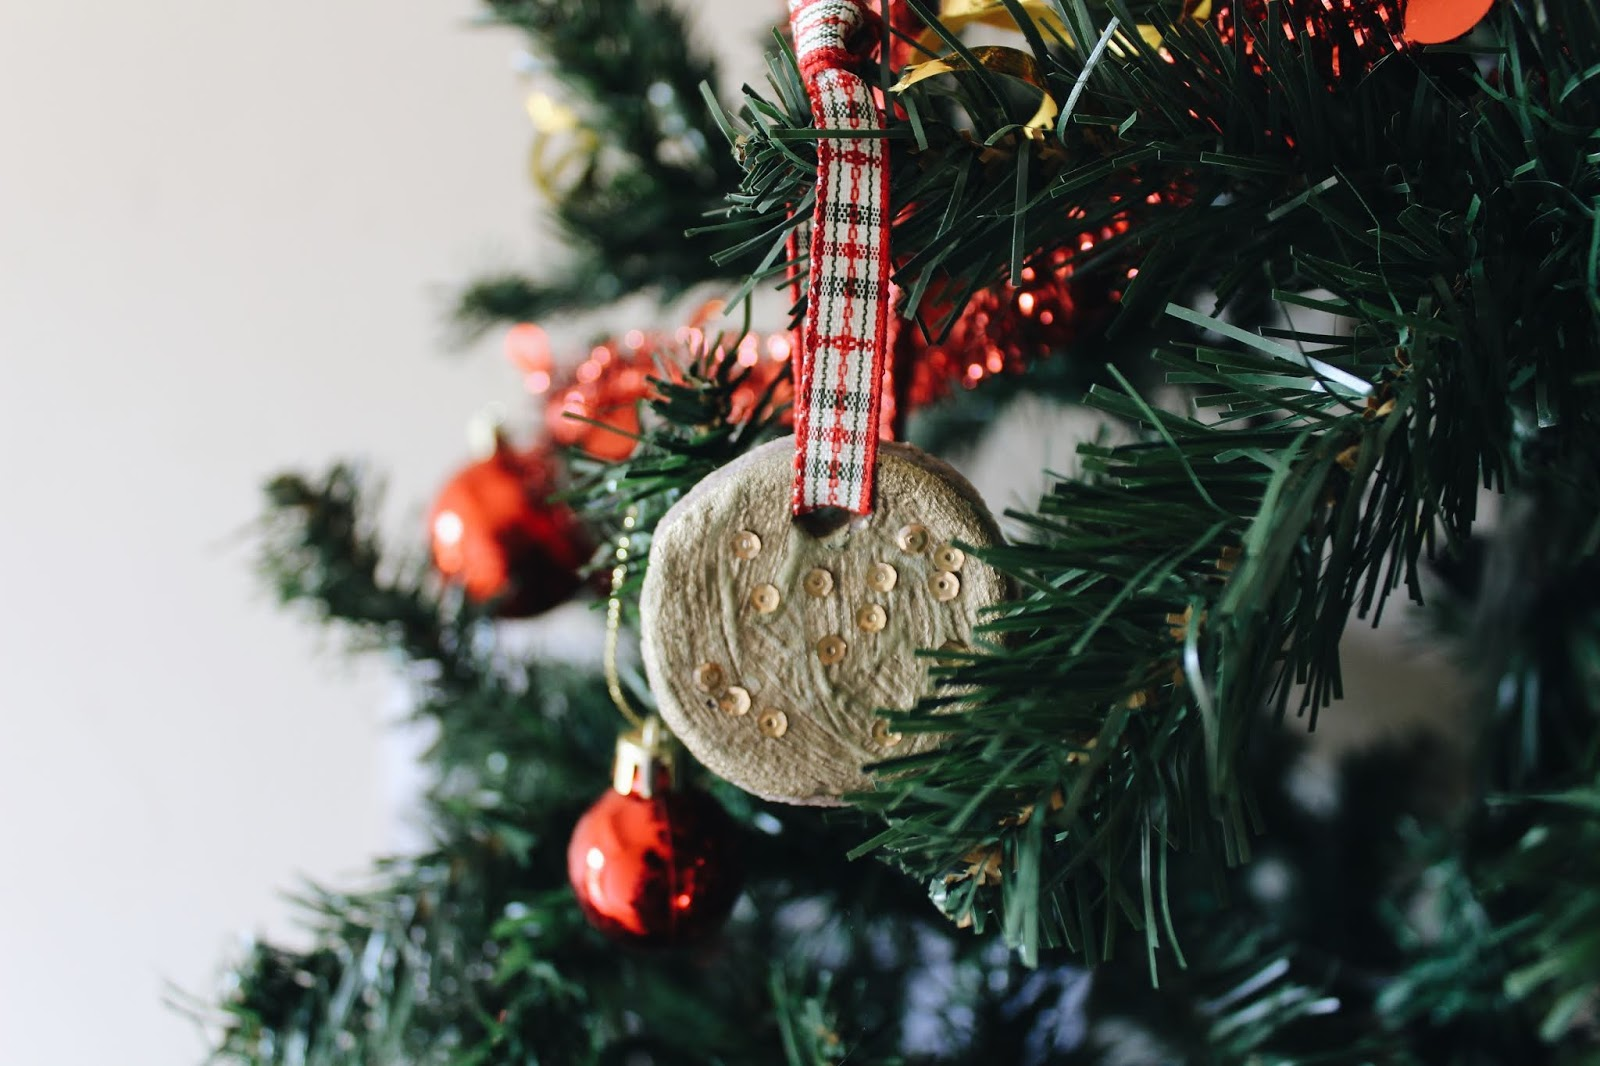 Tannenarten Weihnachtsbaum.Künstlichen Weihnachtsbaum Kaufen So Finden Sie Den Perfekten Baum